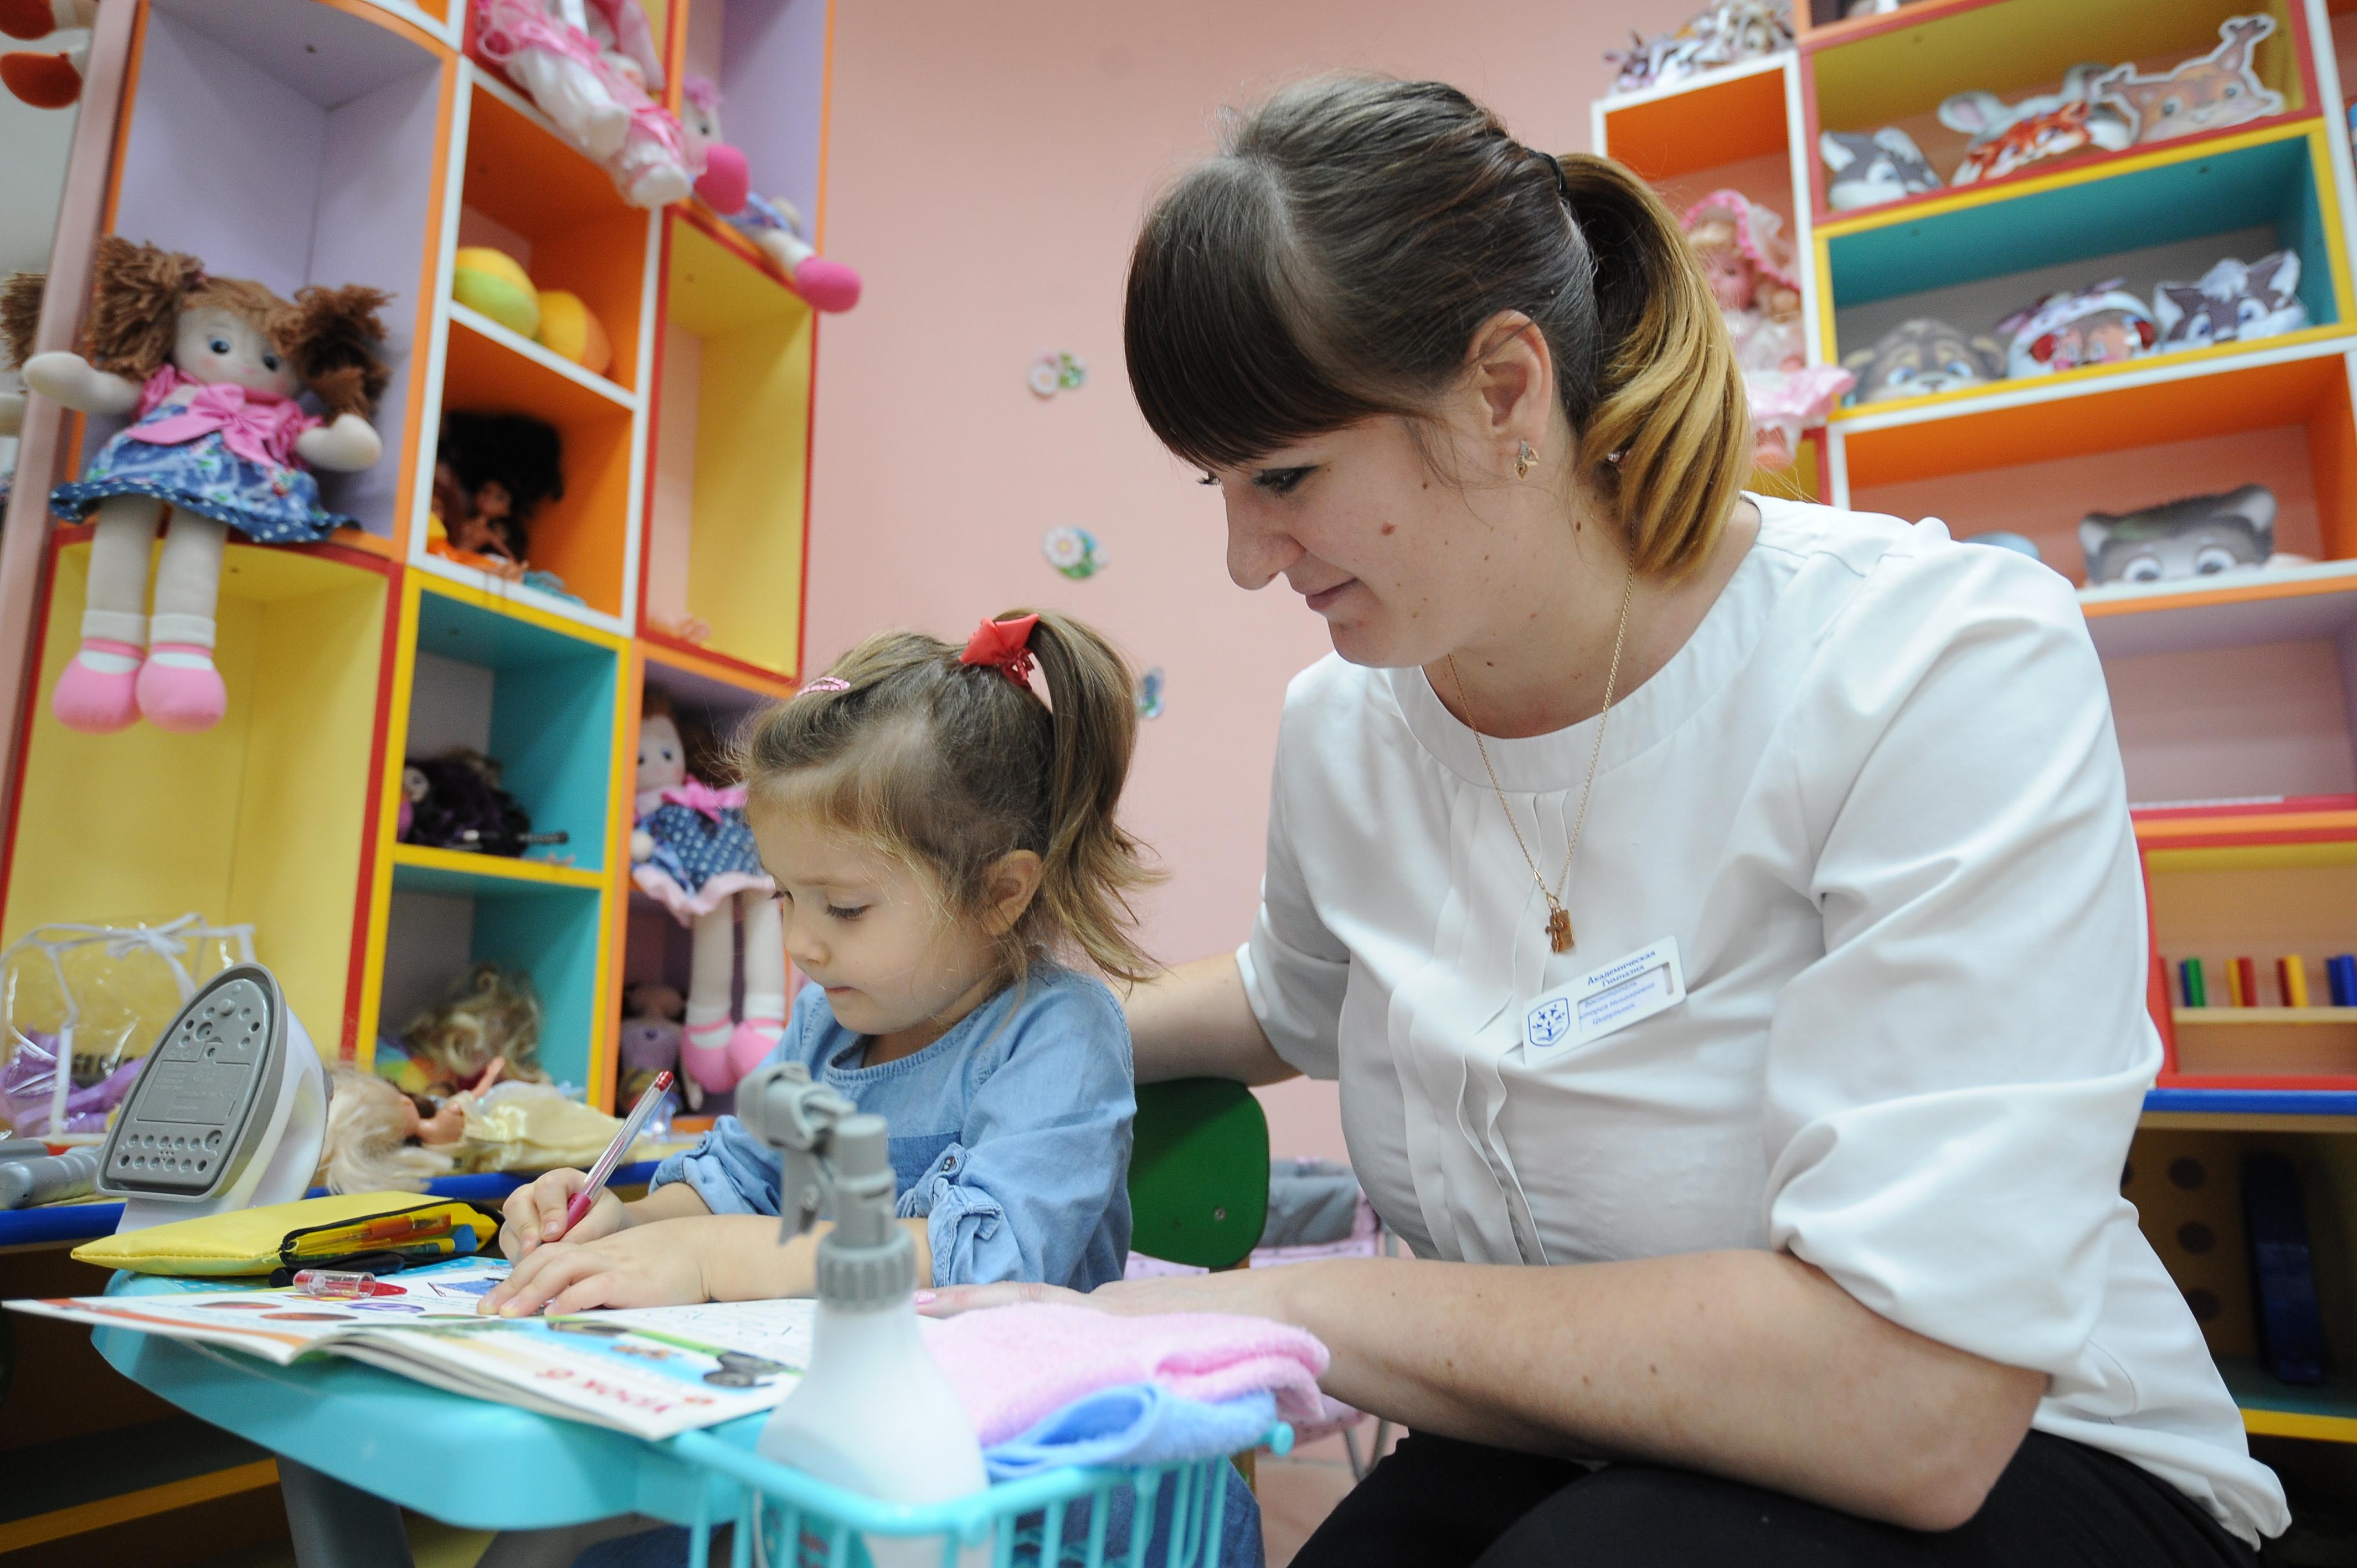 Урок безопасности организовали длявоспитанников детского сада в Киевском